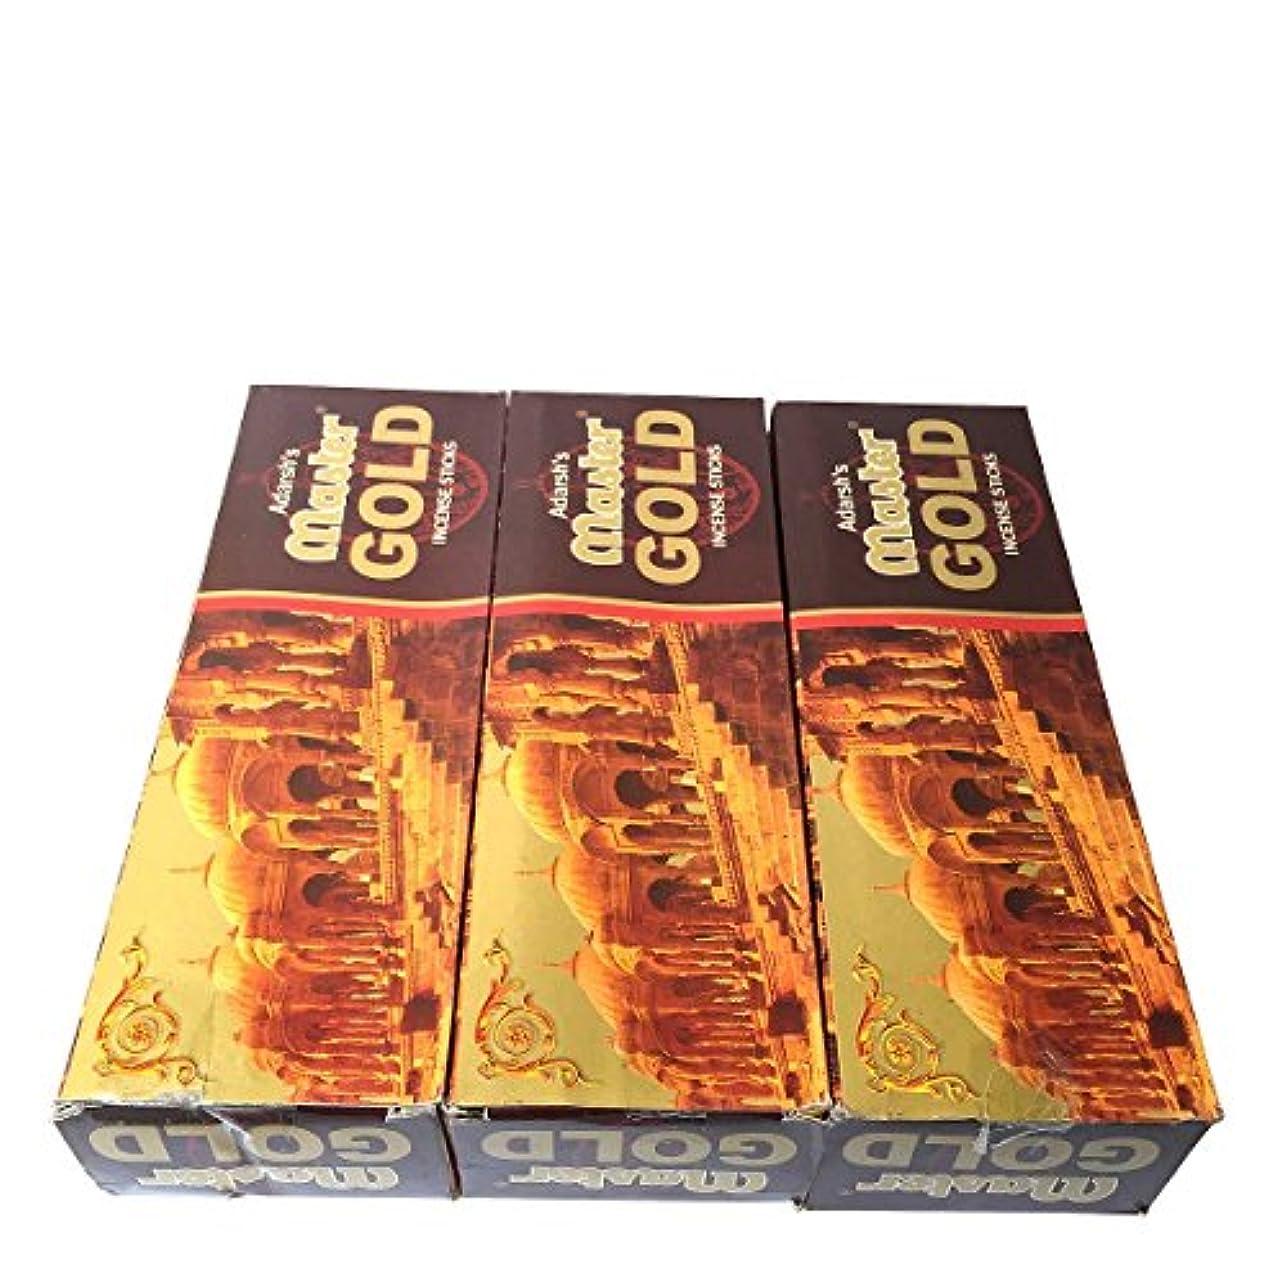 サルベージ迫害する配偶者マスターゴールド香スティック 3BOX(18箱) /ADARSH AROMATICS  MASTER GOLD/インセンス/インド香 お香 [並行輸入品]